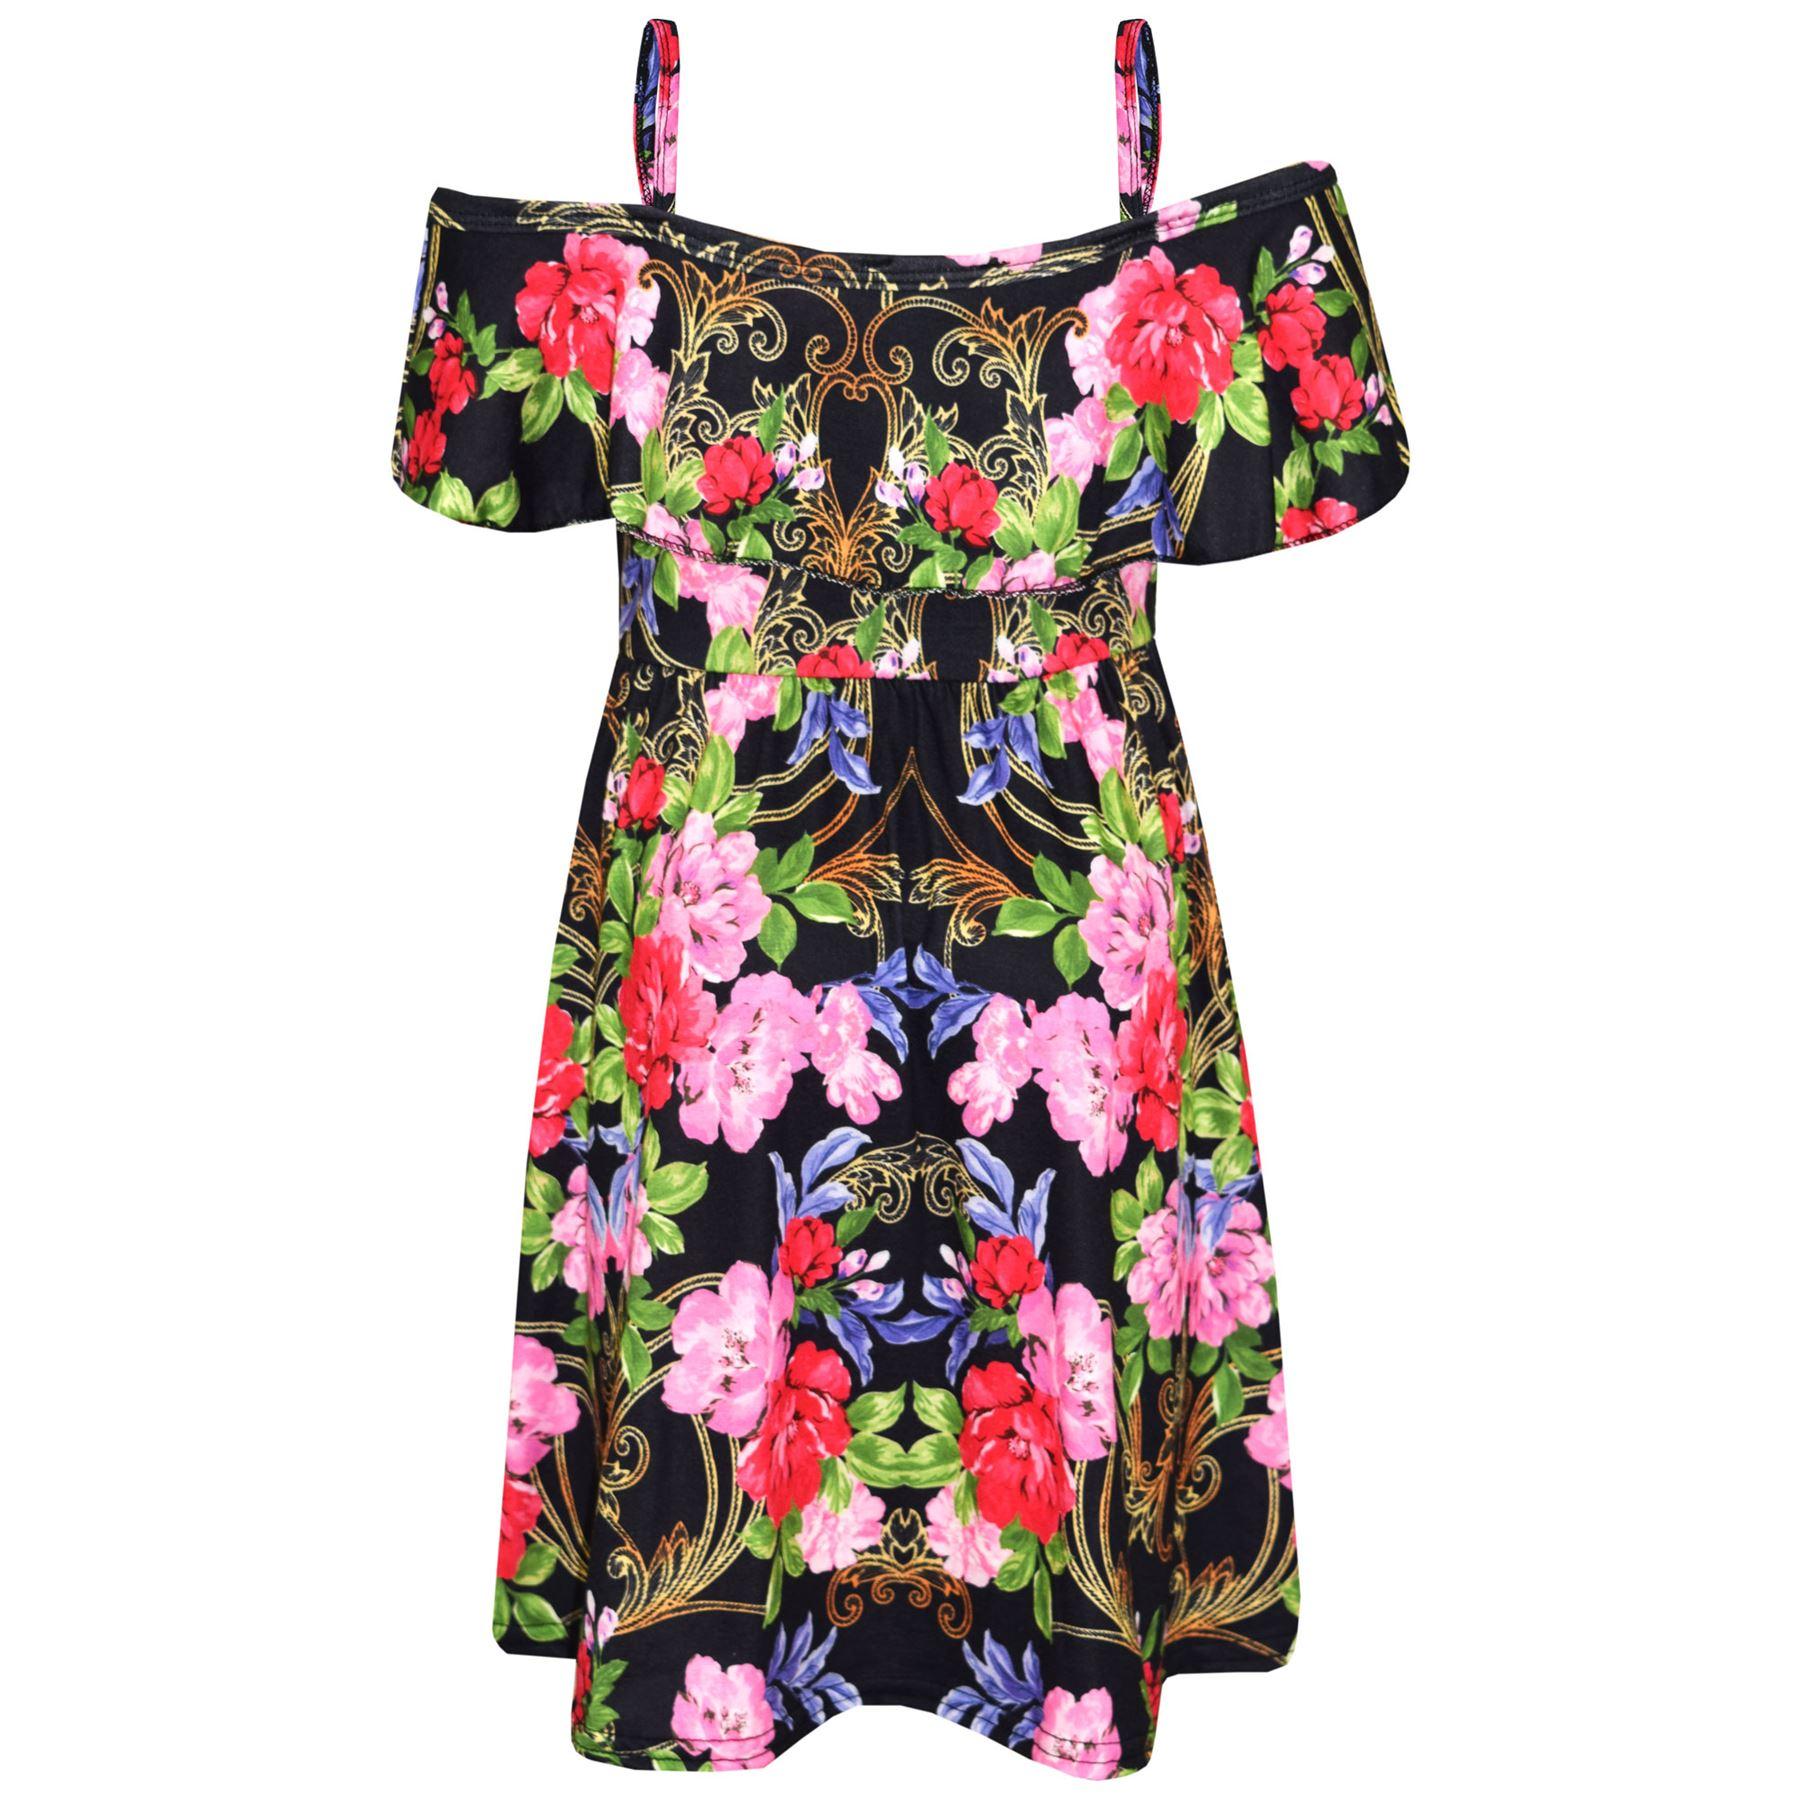 Kids-Girls-Skater-Dress-Floral-Print-Summer-Party-Fashion-Off-Shoulder-Dresses thumbnail 26